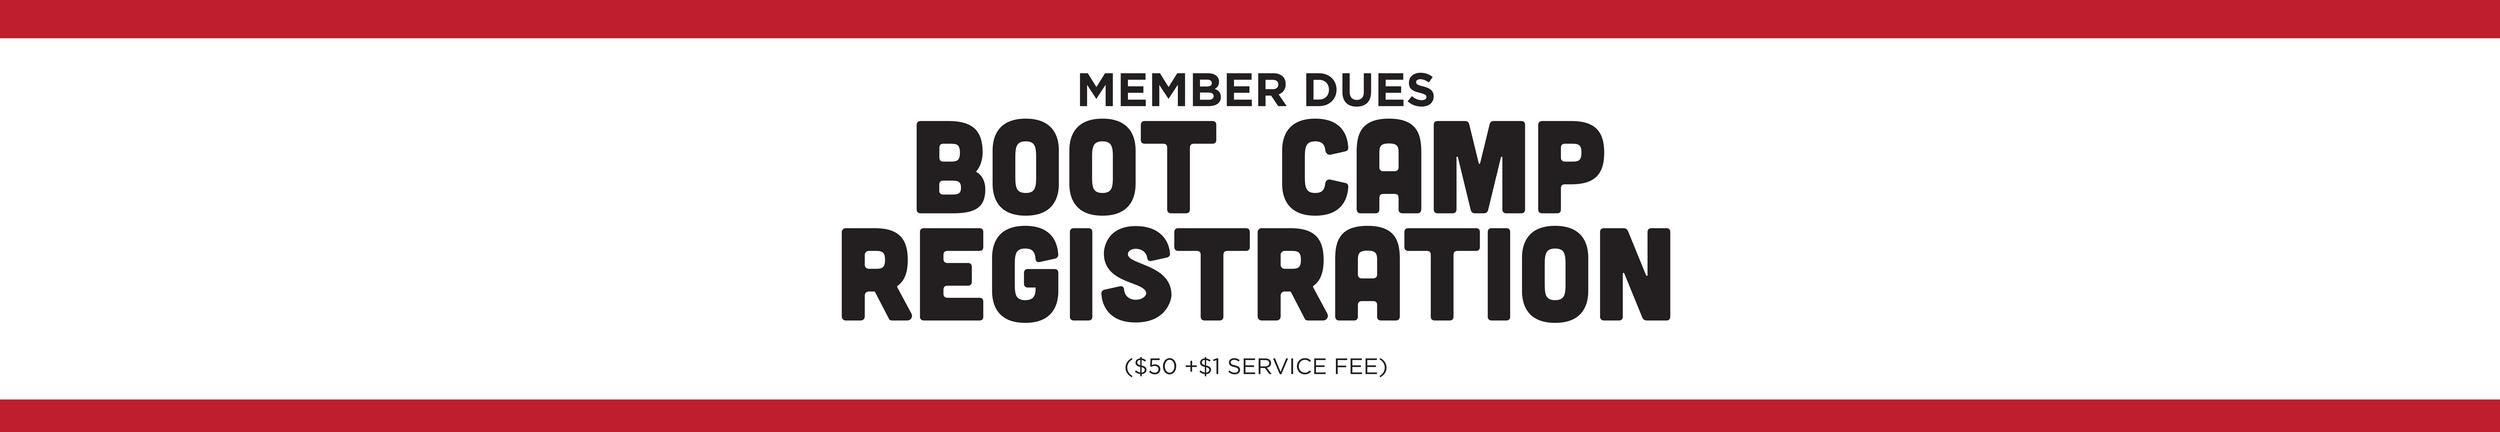 Bootcamp Registration_Website_Header-01.png